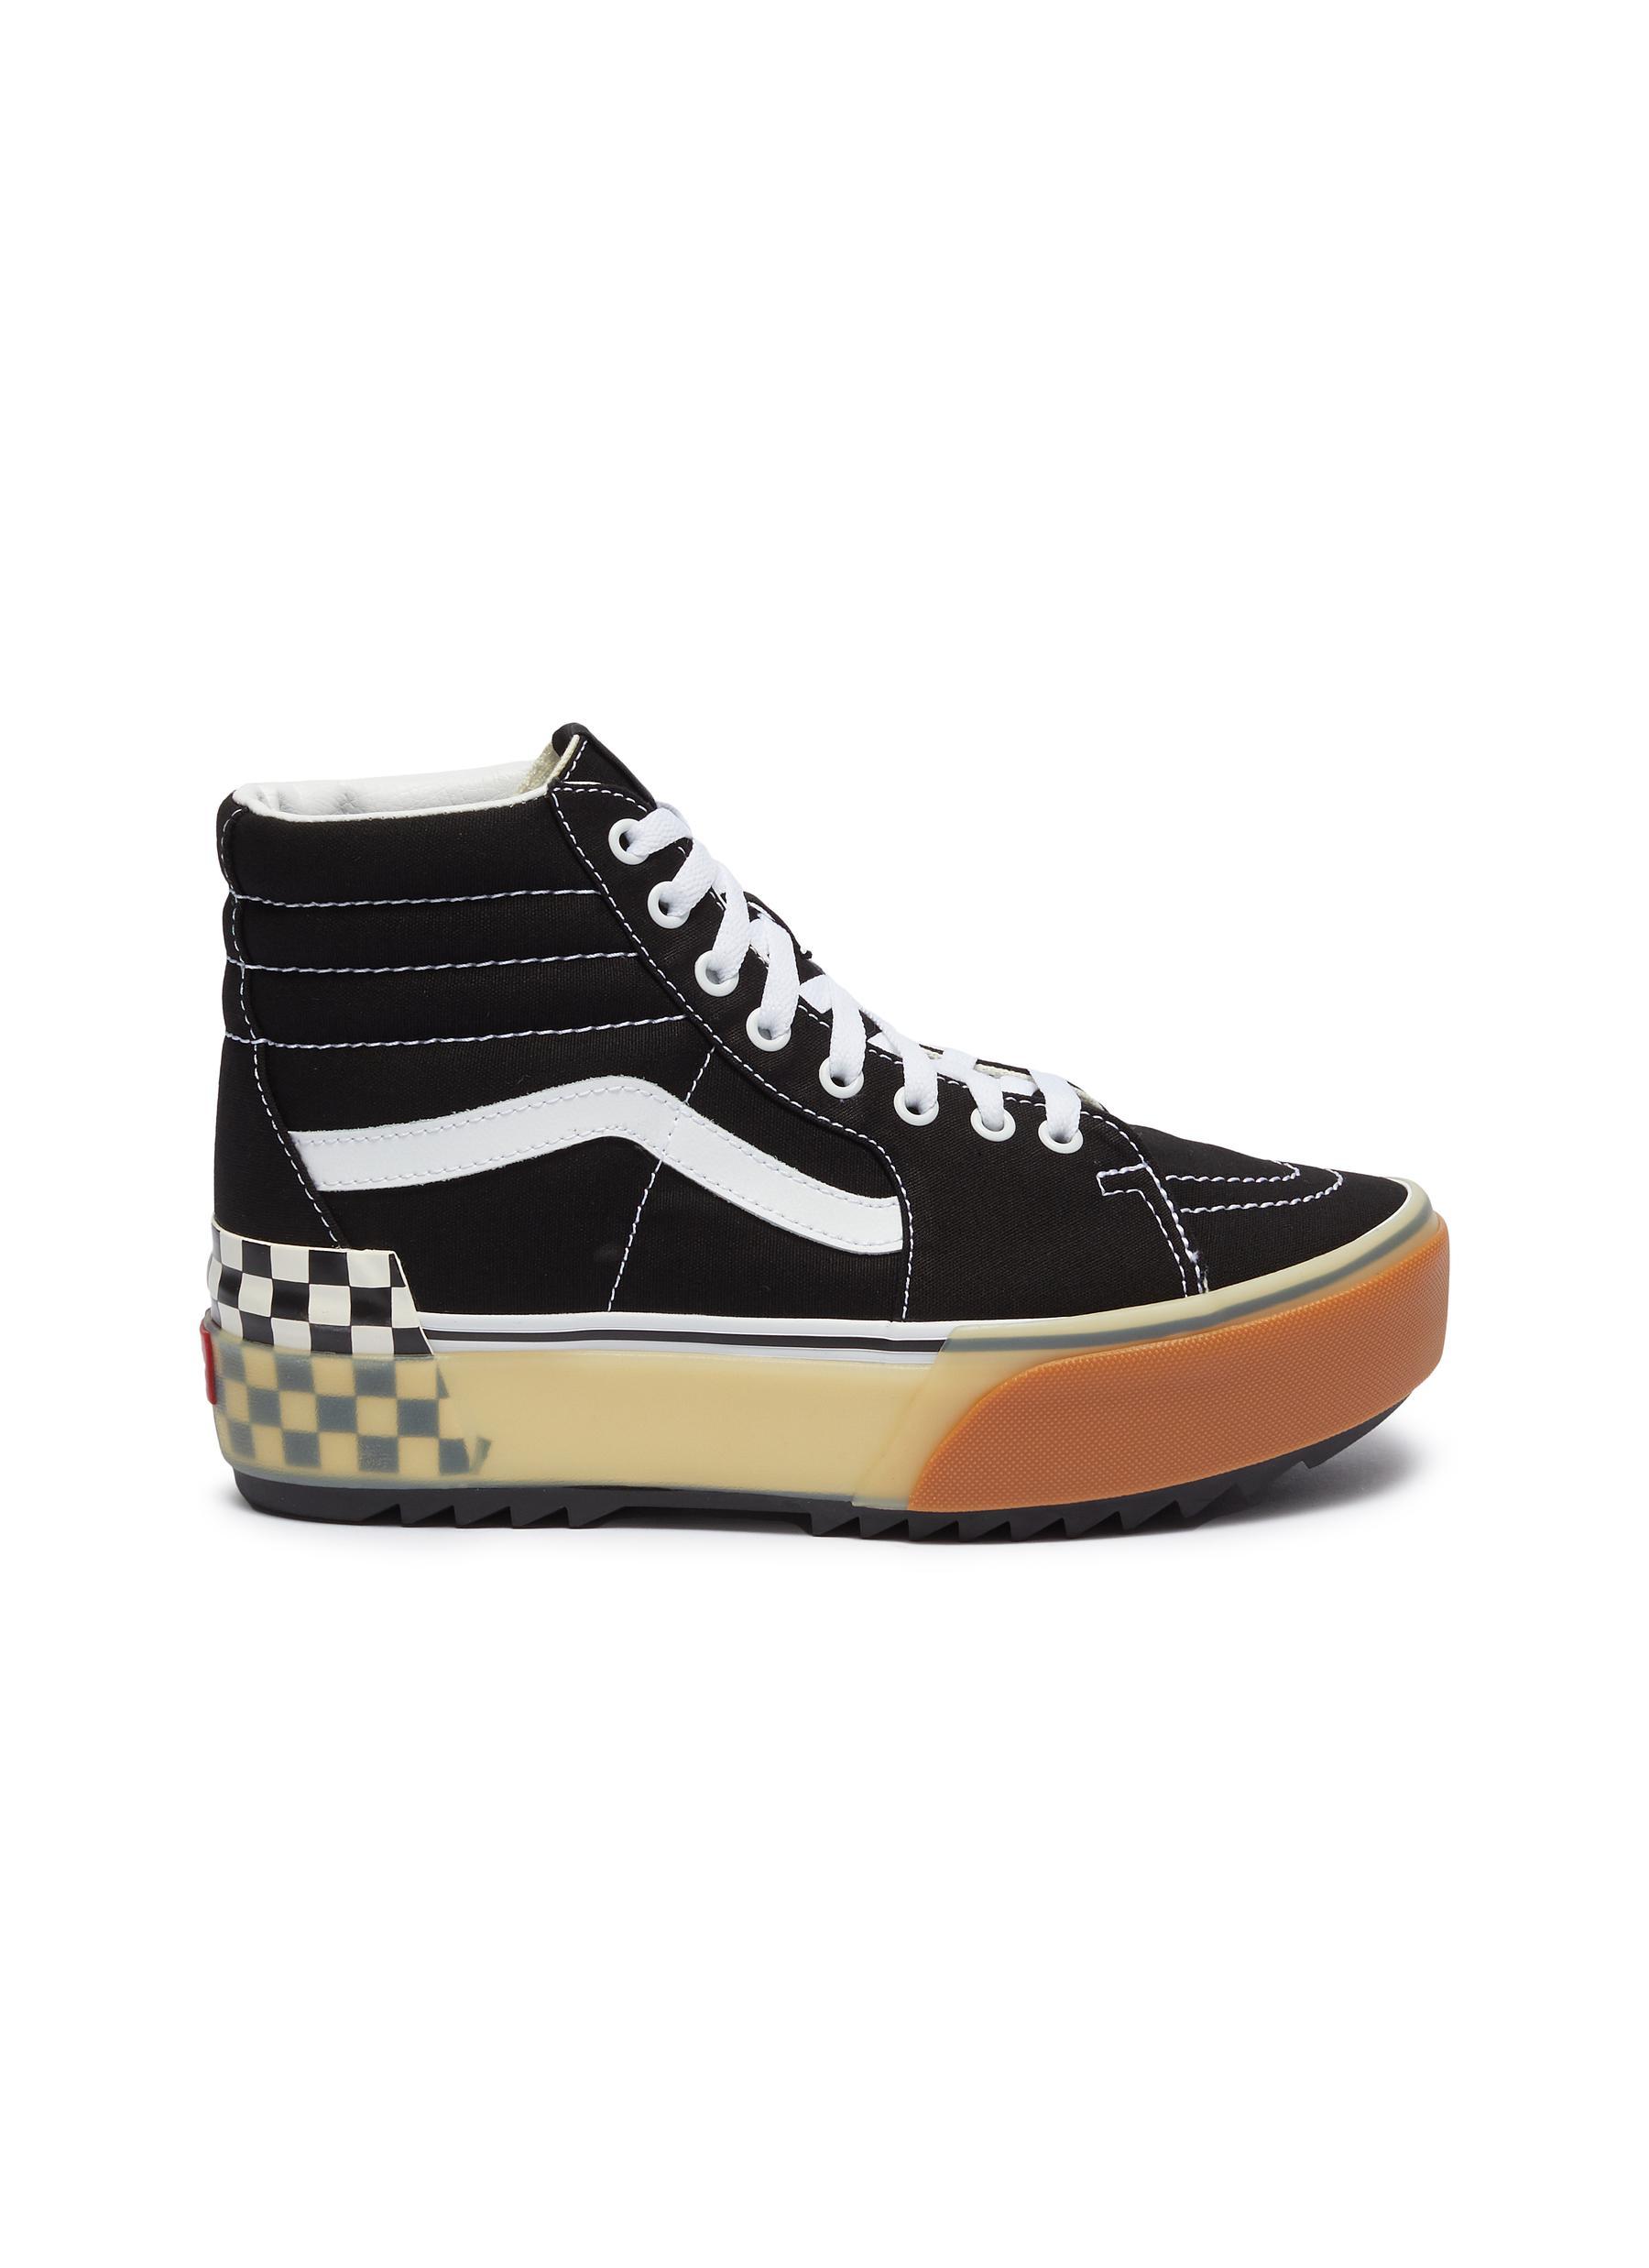 Sk8-Hi Stacked canvas flatform sneakers by Vans